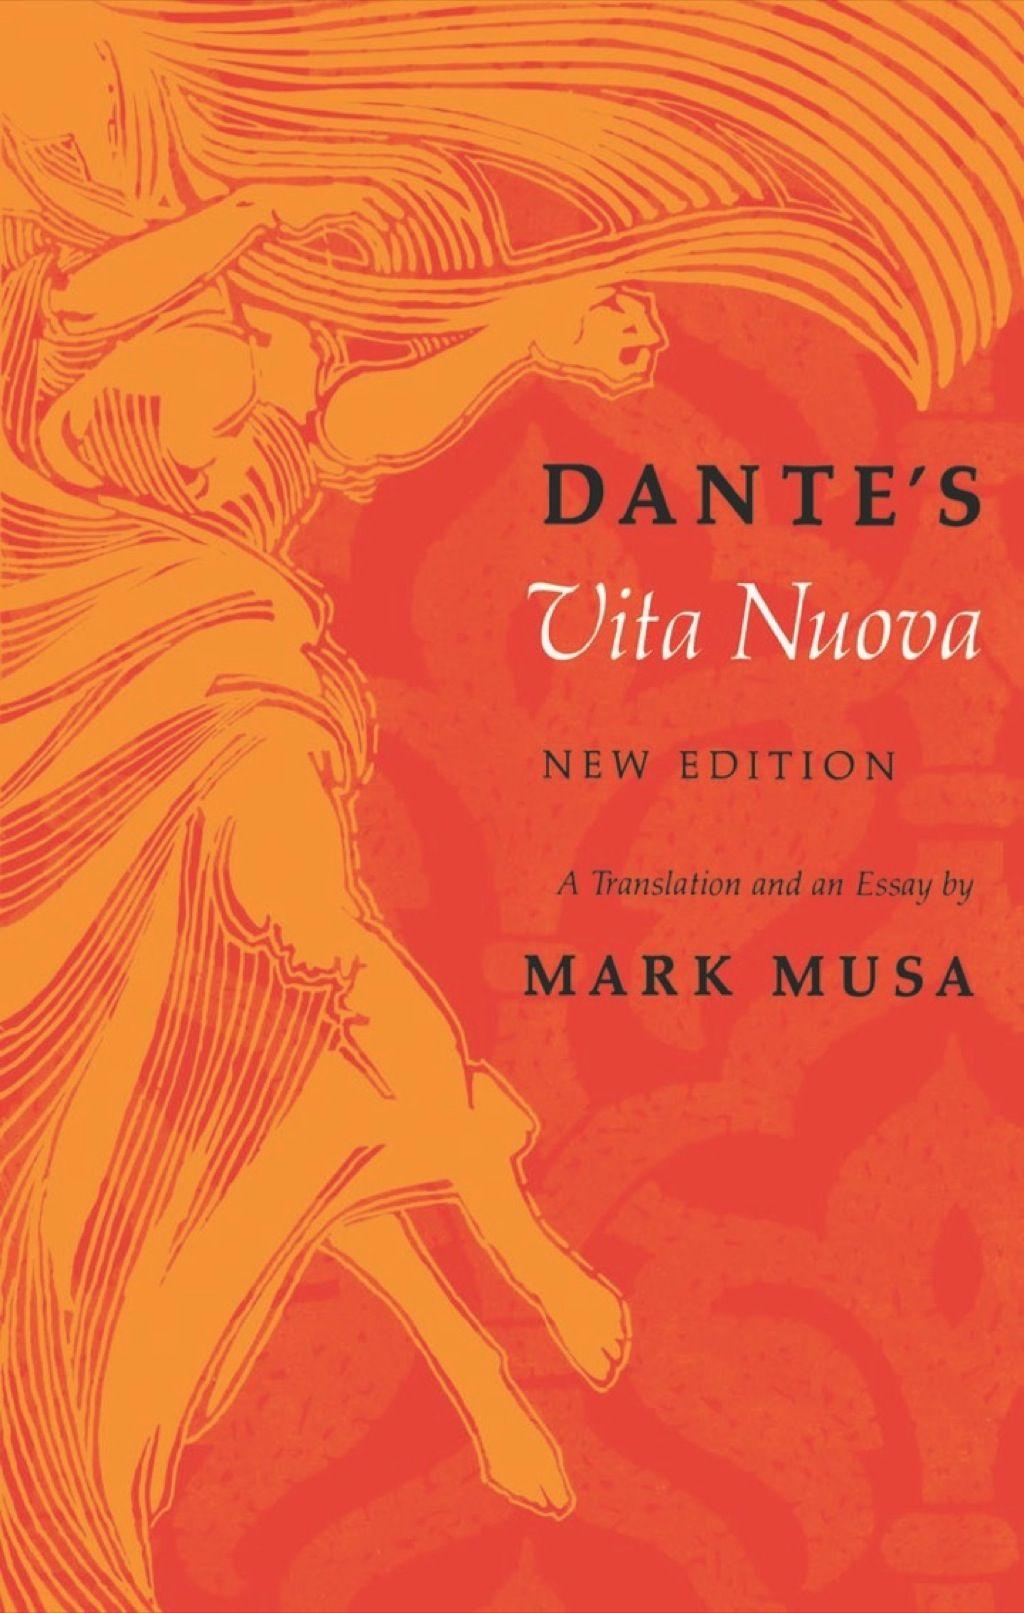 055cc4c991da Dante's Vita Nuova New Edition (eBook)   Products   New edition ...